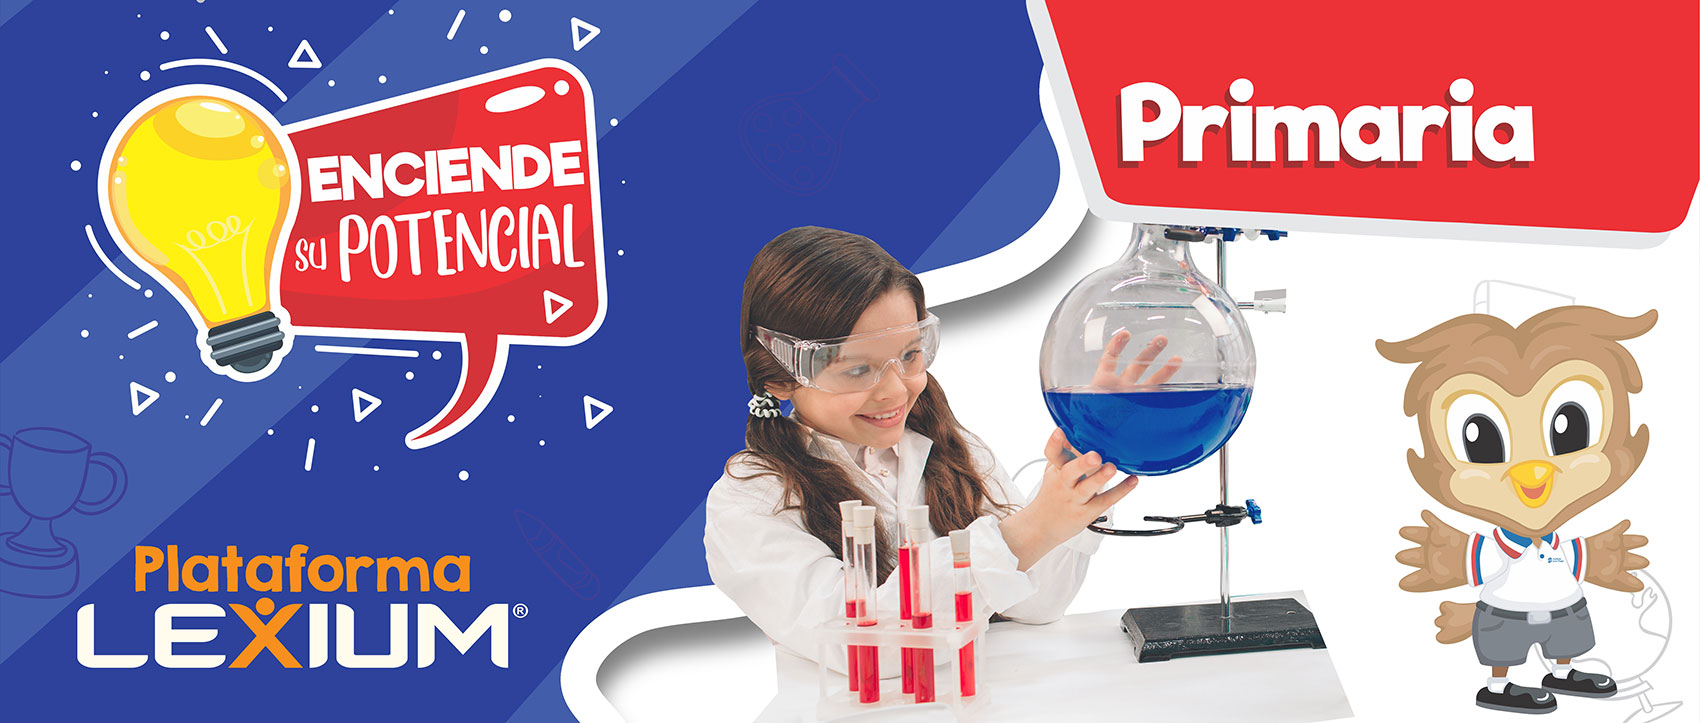 Instituto-bilingue-jean-piaget-primaria-slide